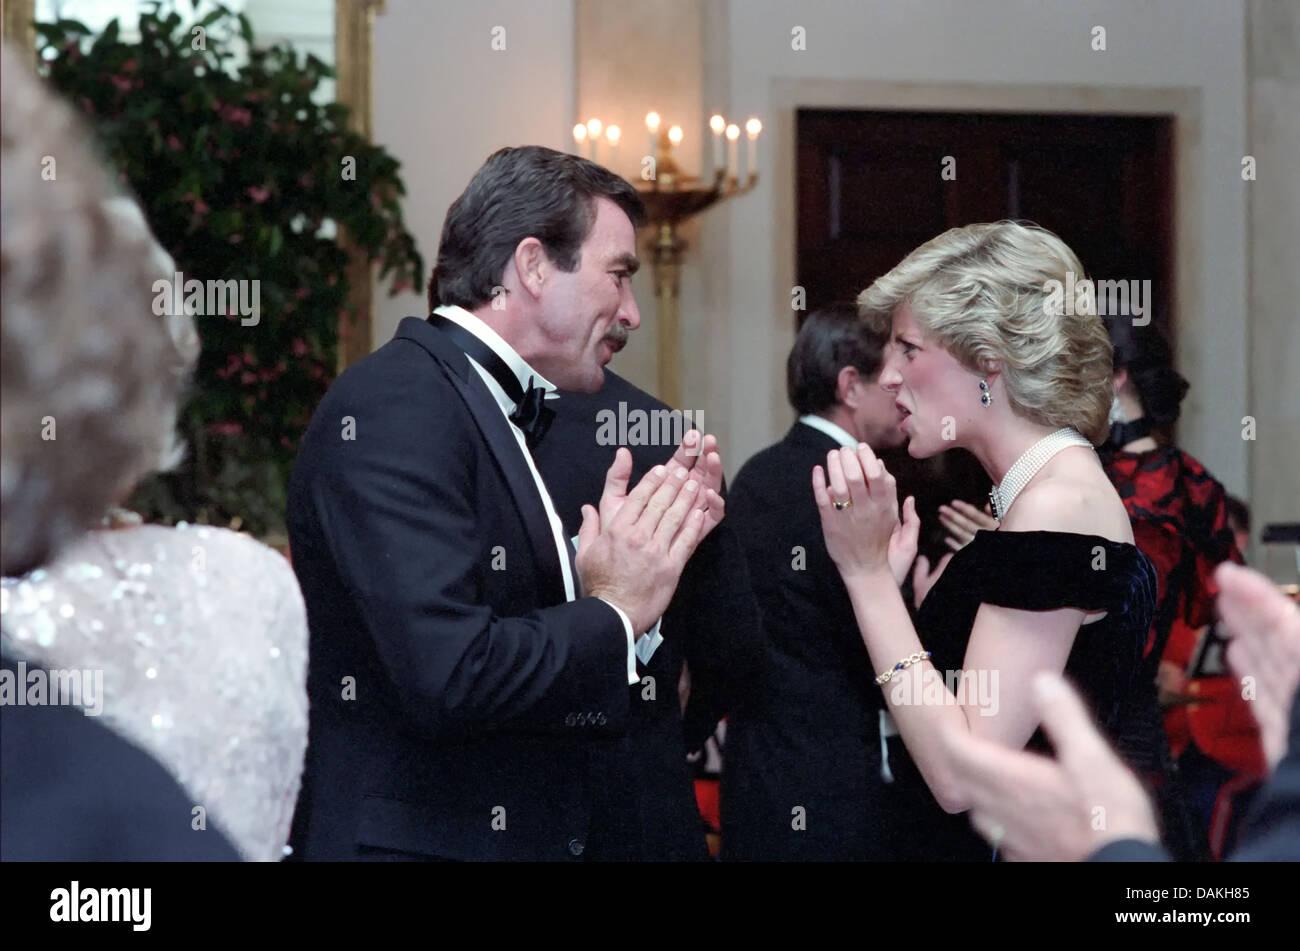 Diana, princesse de Galles danse avec l'acteur Tom Selleck lors d'un dîner de gala à la Maison Blanche le 9 novembre 1985 à Washington, DC. Banque D'Images